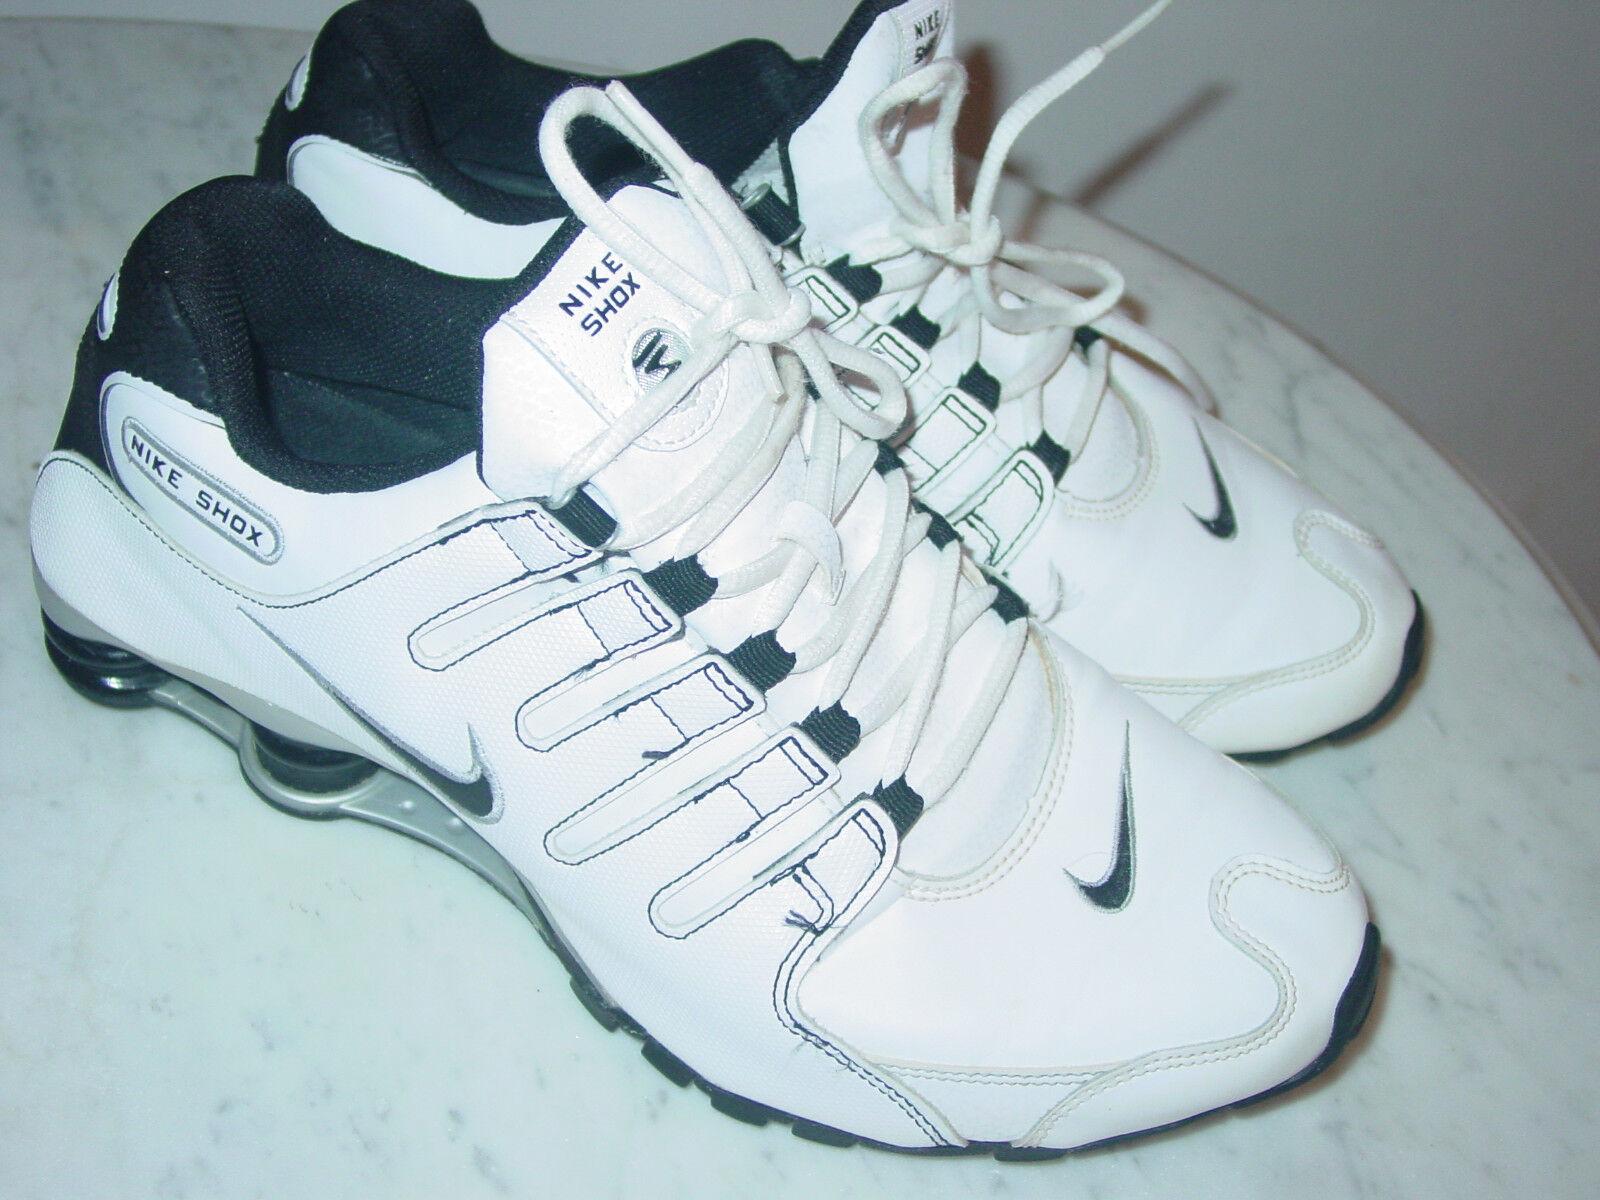 2013 Nike Shox NZ White/Black/Metallic 11 Silver Running Shoes! Size 11 White/Black/Metallic $160.00 bb48c2